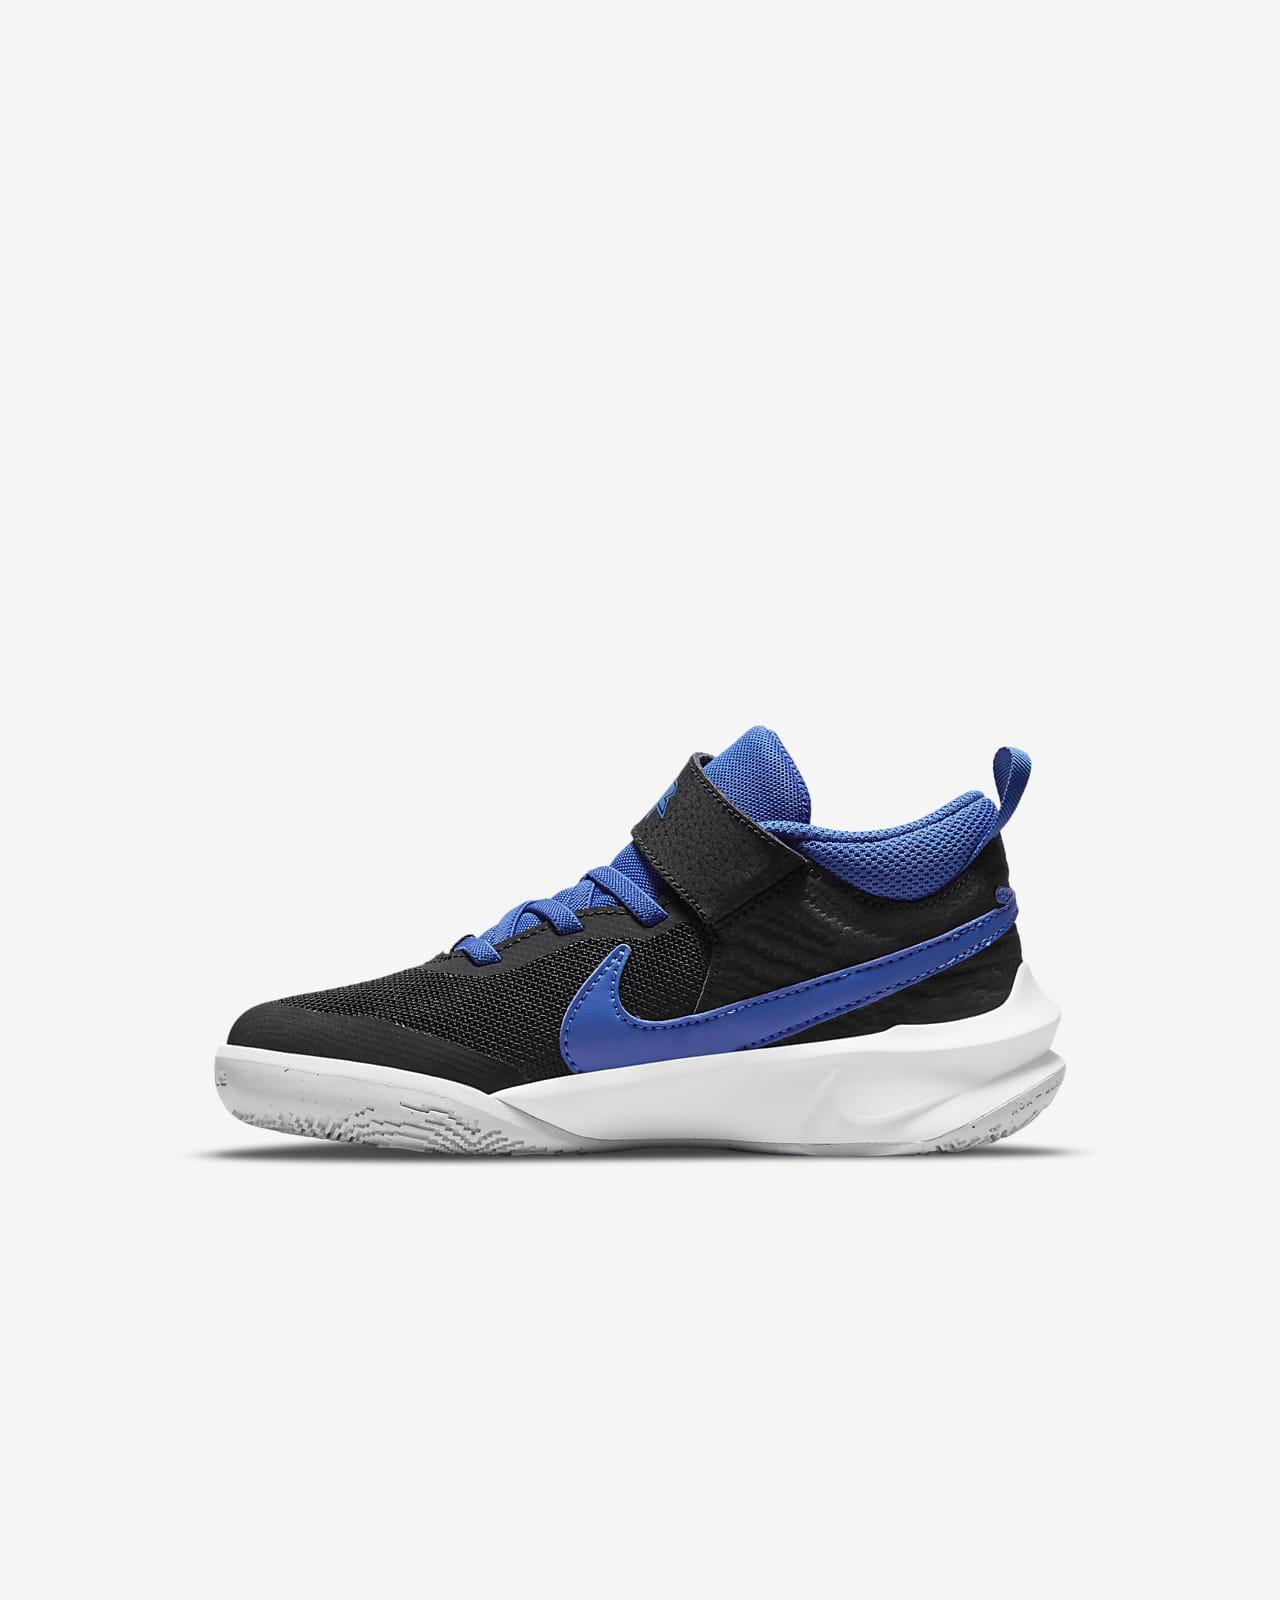 Calzado para niños talla pequeña Nike Team Hustle D 10